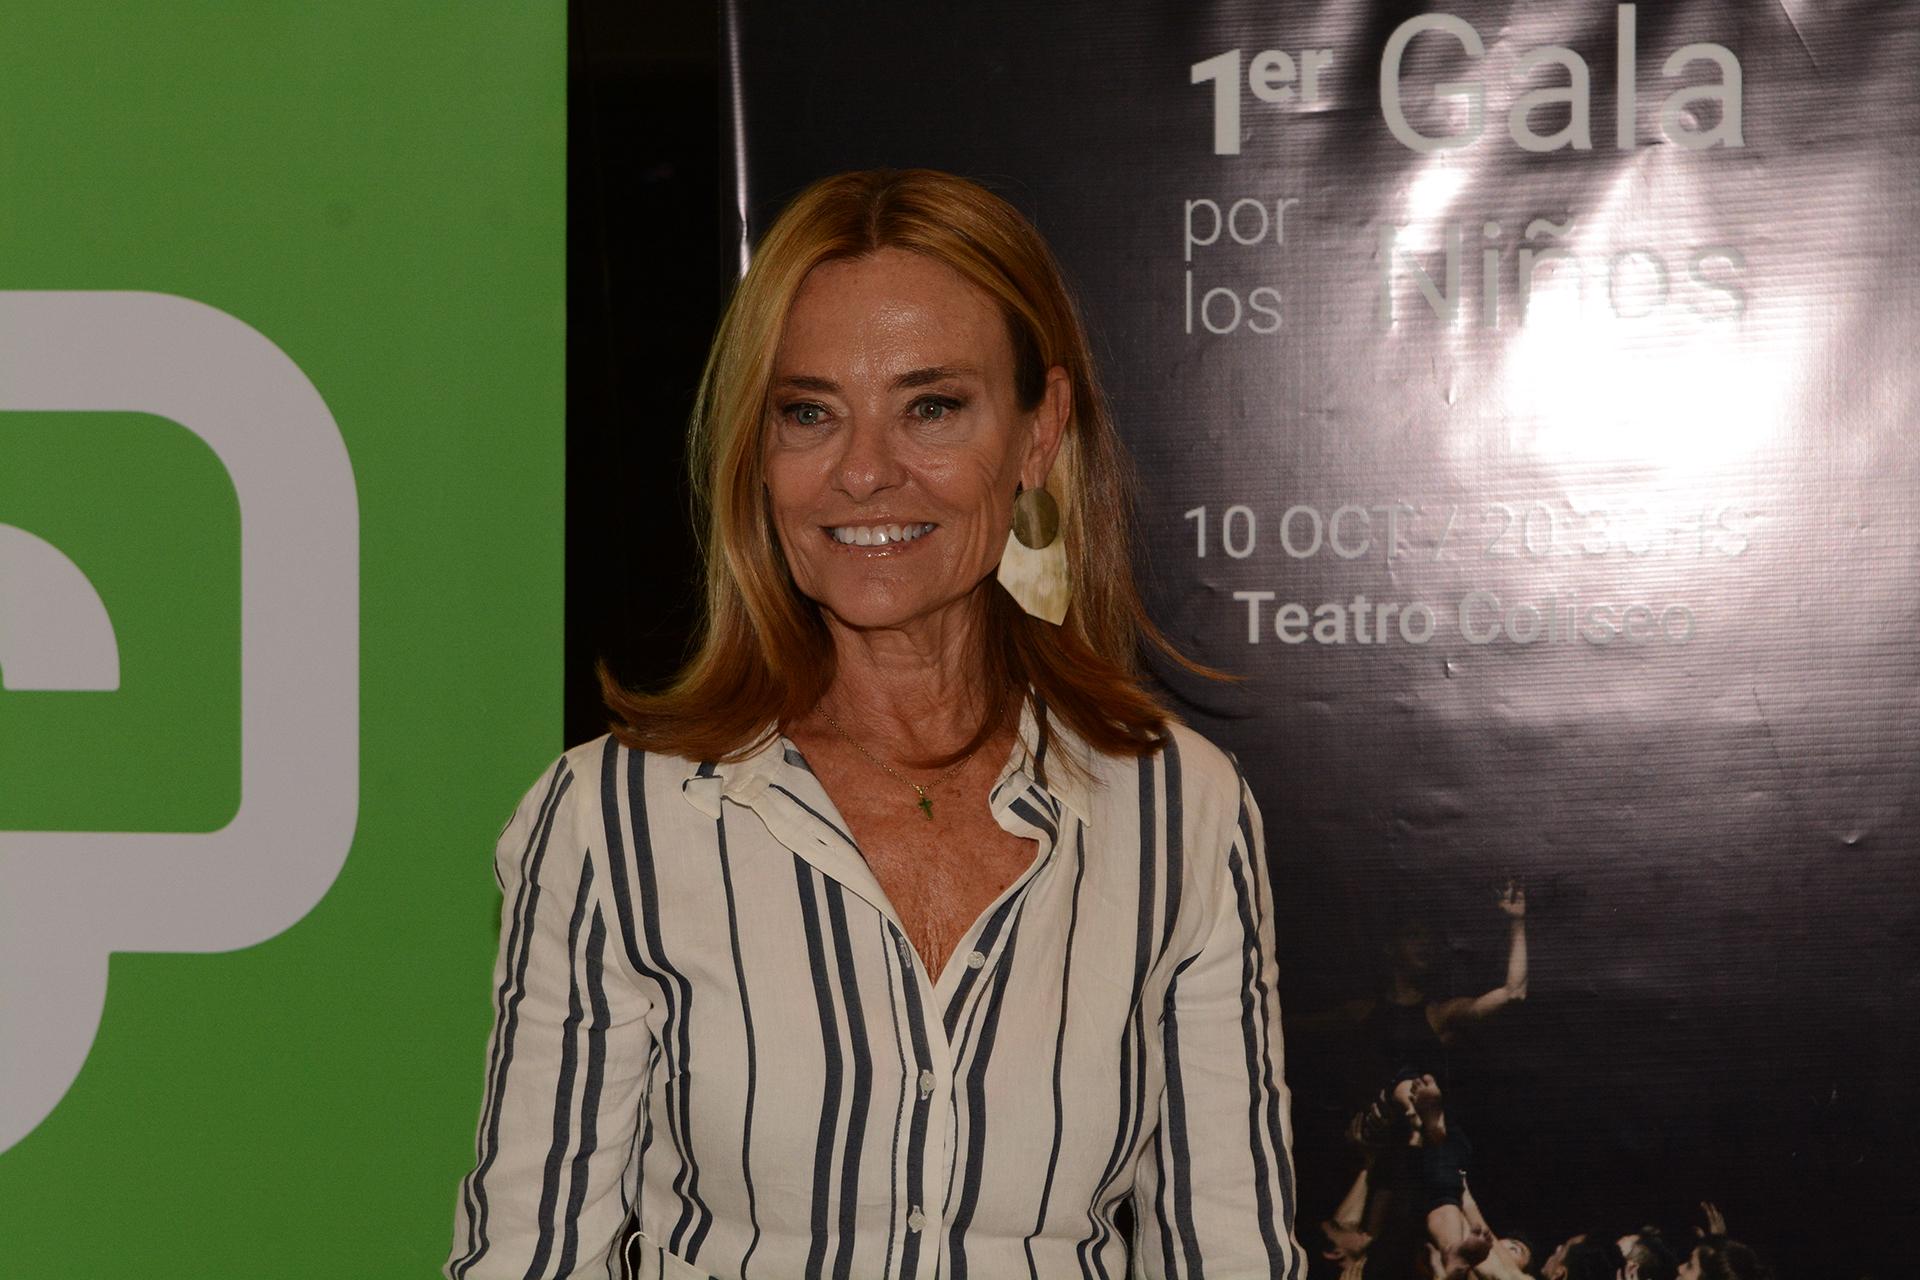 María Eugenia Laprida